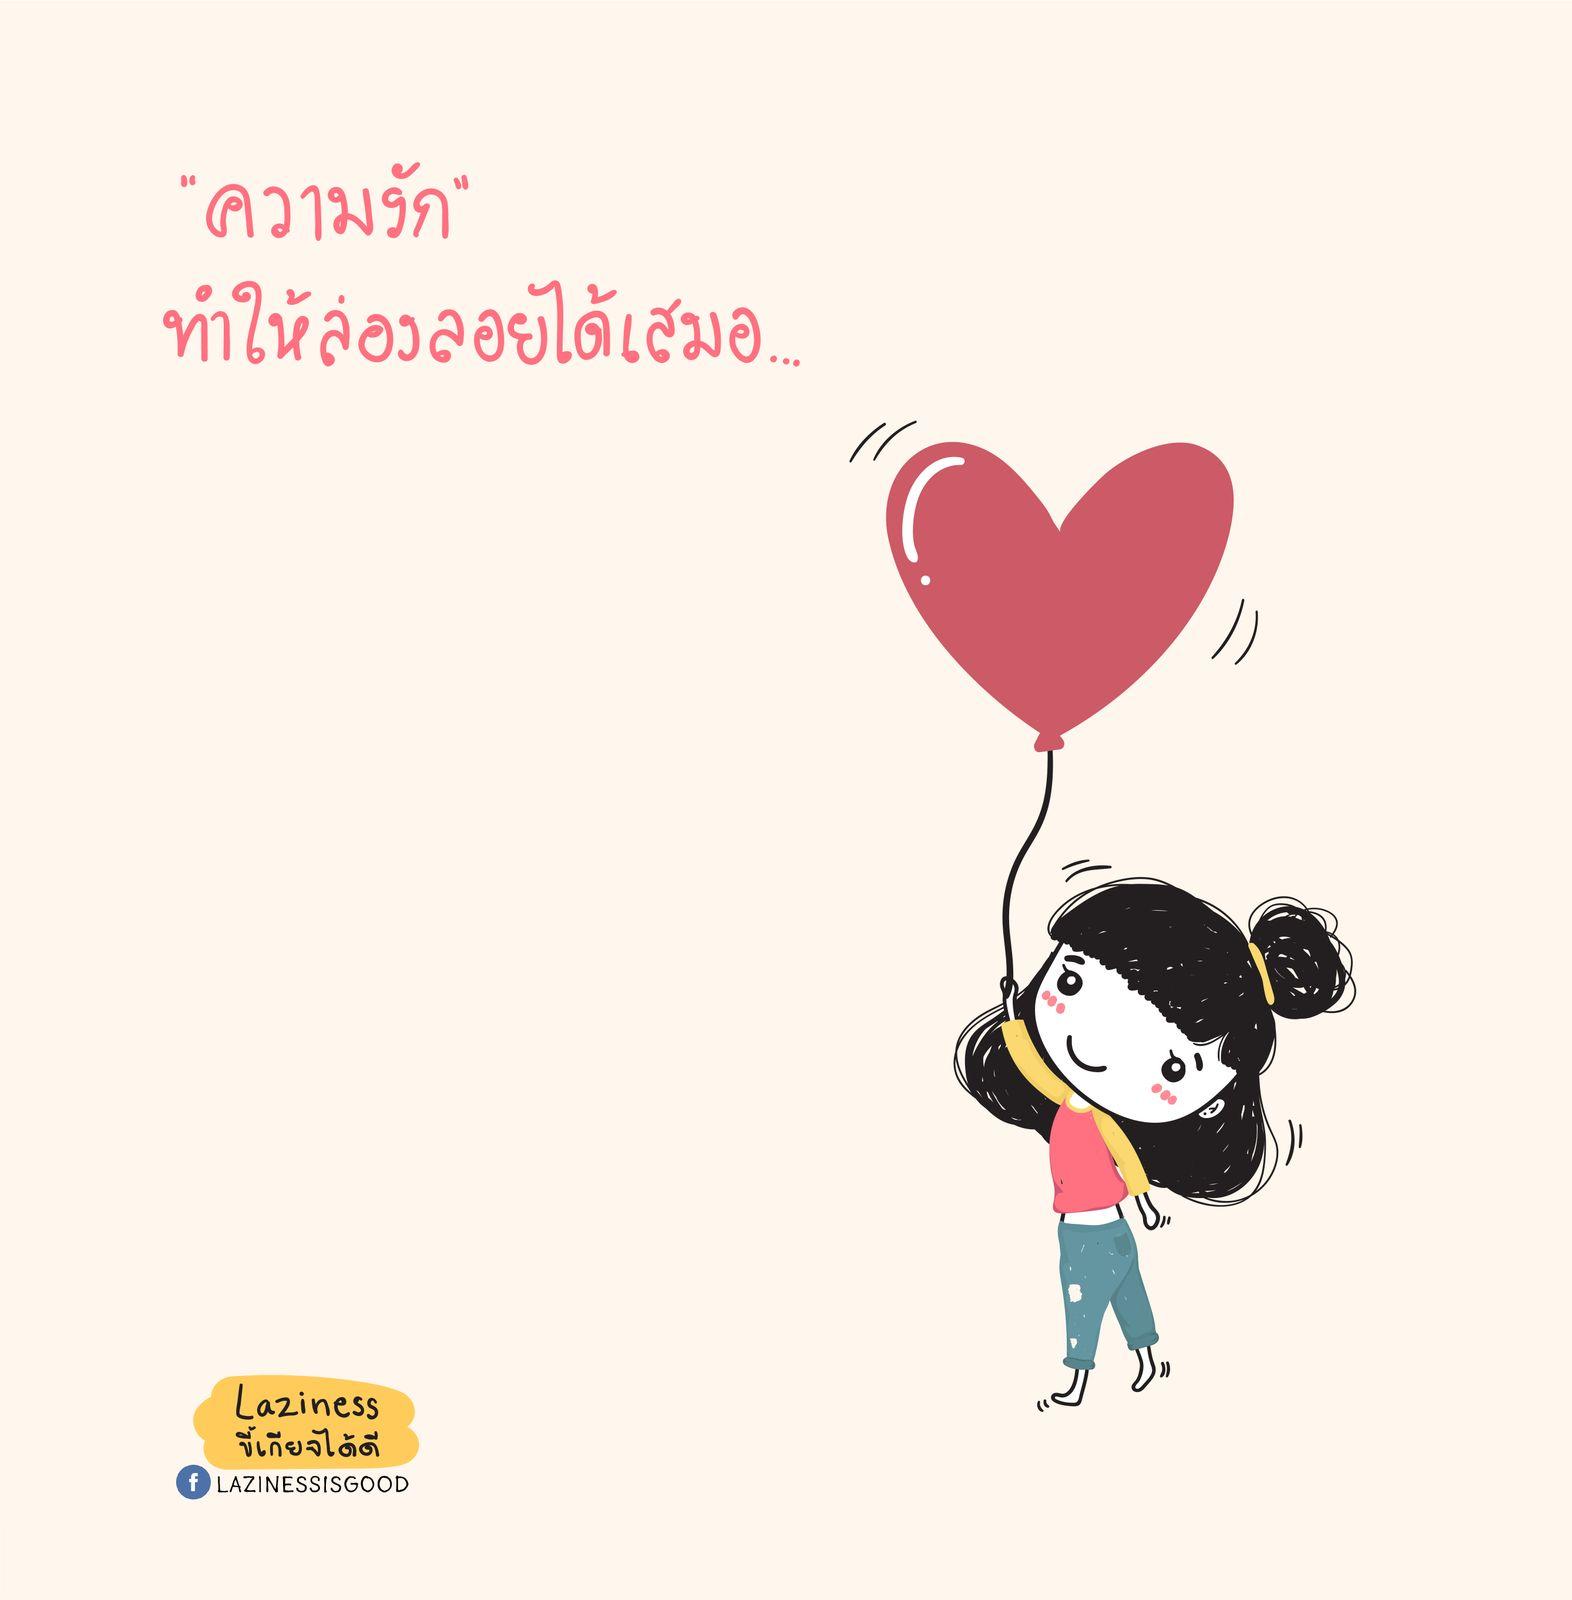 เพราะความรักทำให้เราล่องลอย...